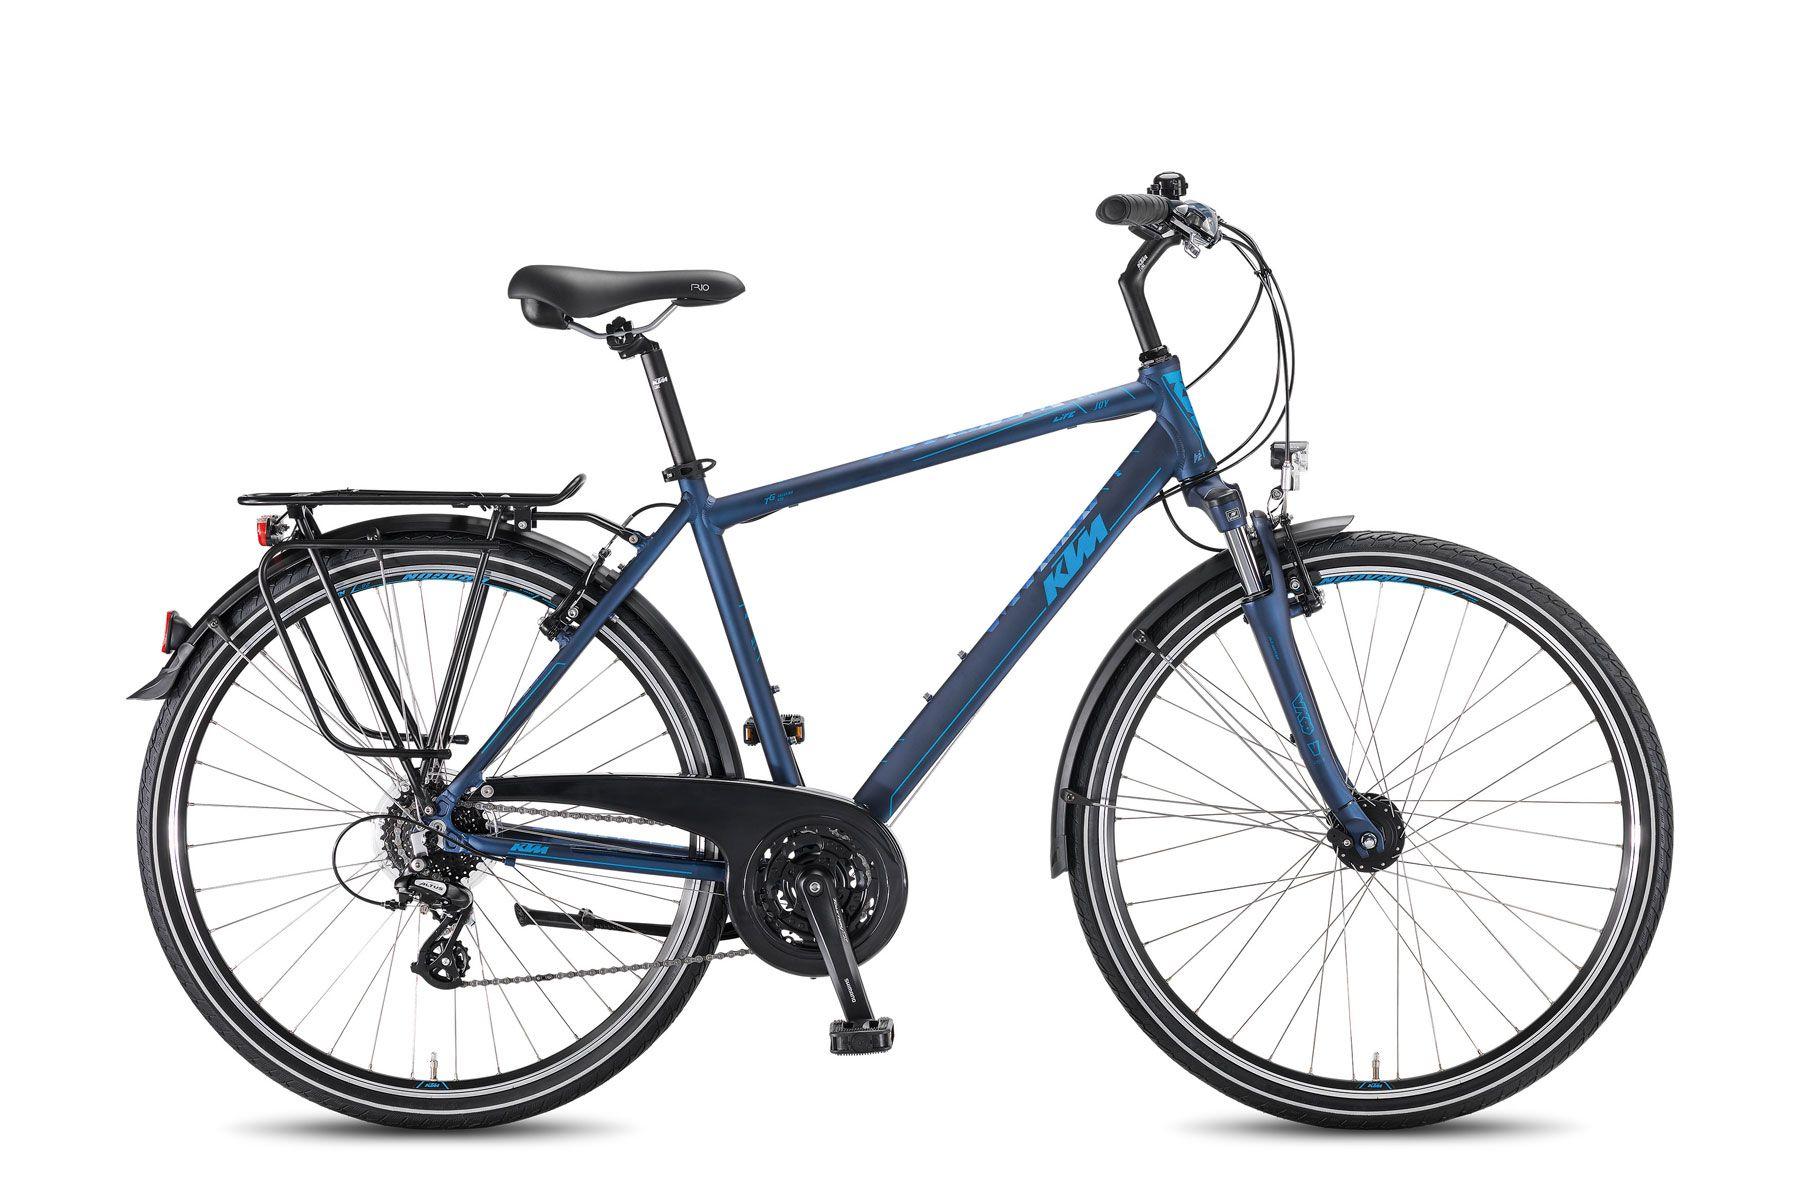 Велосипед KTMГородские<br><br><br>year: 2016<br>цвет: серый<br>пол: мужской<br>тип тормозов: ободной<br>диаметр колеса: 28<br>уровень оборудования: любительский<br>материал рамы: алюминий<br>тип амортизированной вилки: пружинная<br>длина хода вилки: до 100 мм<br>количество скоростей: 24<br>блокировка амортизатора: нет<br>планетарная втулка: нет<br>рулевая колонка: VP MH-308E<br>вынос: KTM Line AL-231<br>руль: KTM Line Humpert Lady Town Alu<br>грипсы: KTM Line VLG-709, ergo<br>передний тормоз: Tektro 837<br>задний тормоз: Tektro 837<br>система: Shimano TY701, 48-36-26/CG<br>защита звёзд/цепи: Horn Catena 05<br>педали: VP810, Trekking<br>ободья: KTM Line 700C<br>передняя втулка: Shimano DH-3N31, Dynamohub<br>задняя втулка: Shimano TX800<br>передняя покрышка: Rubena V66- Flash, 47-622<br>задняя покрышка: Rubena V66- Flash, 47-622<br>седло: Selle Royal Freeway 5094<br>подседельный штырь: KTM Line SP-359, 350/27.2 мм<br>кассета: Shimano HG31-8, 11-32<br>передний переключатель: Shimano M191<br>задний переключатель: Shimano Altus M310<br>манетки: Shimano STEF51-8<br>багажник: KTM Racktime Universal<br>крылья: RPZ Trekking, 45 мм<br>вес: 17,2 кг<br>рама: Life T: 1208 Trekking, Al6061<br>вилка: Suntour SF CR8V 700C<br>размер рамы: 22&amp;amp;quot;